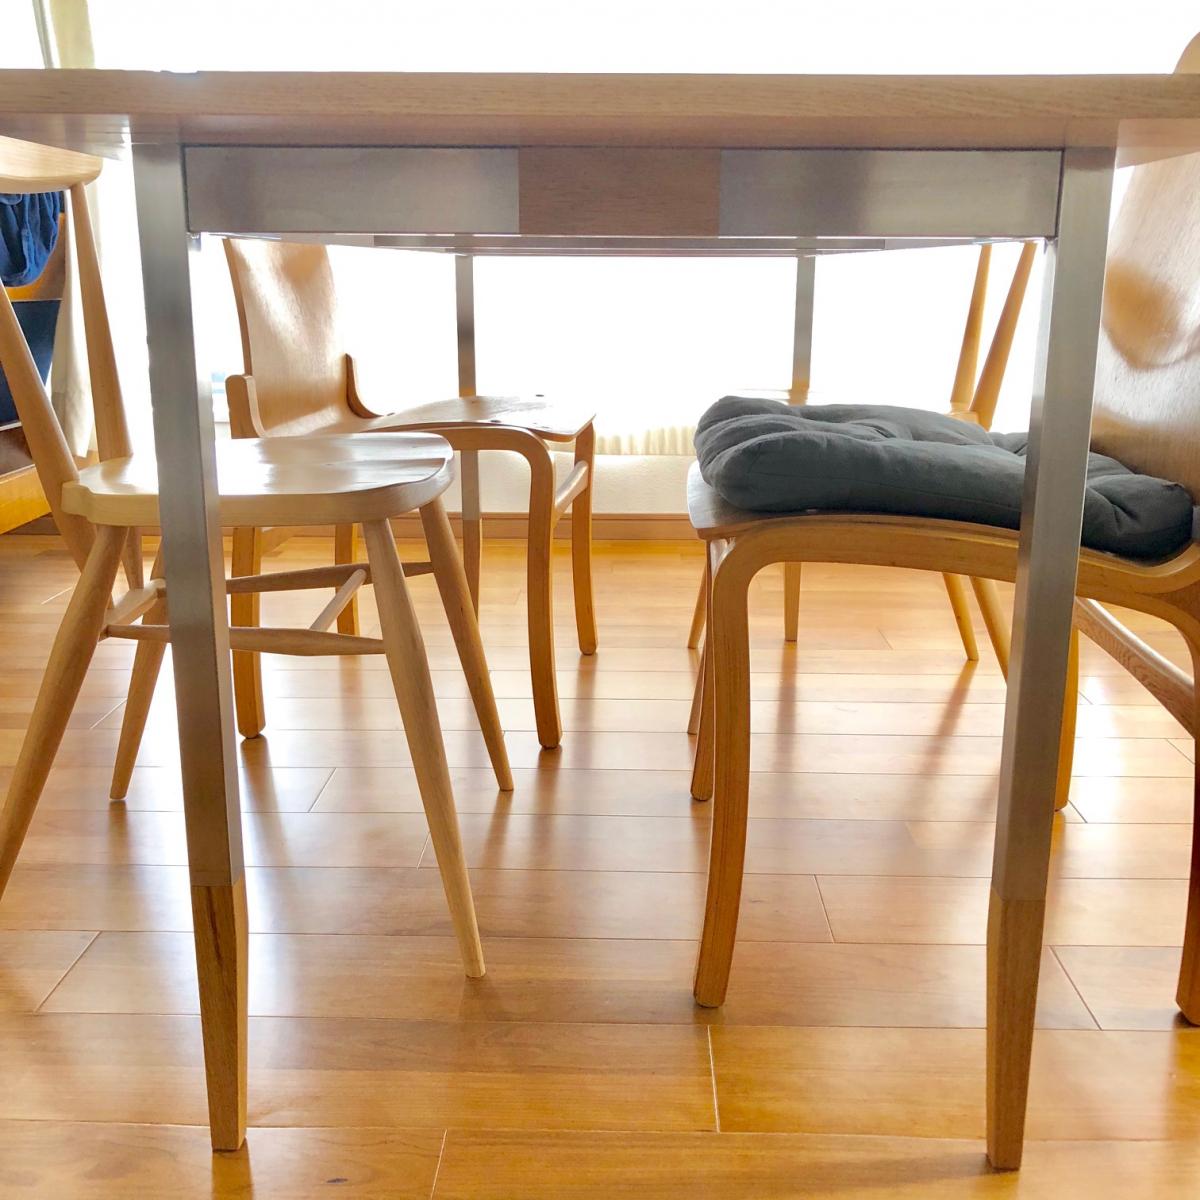 脚部は金属と木材が組み合わされています。ヘアライン仕上げのステンレスはビカビカー!という感じもなく、部屋になじみました。